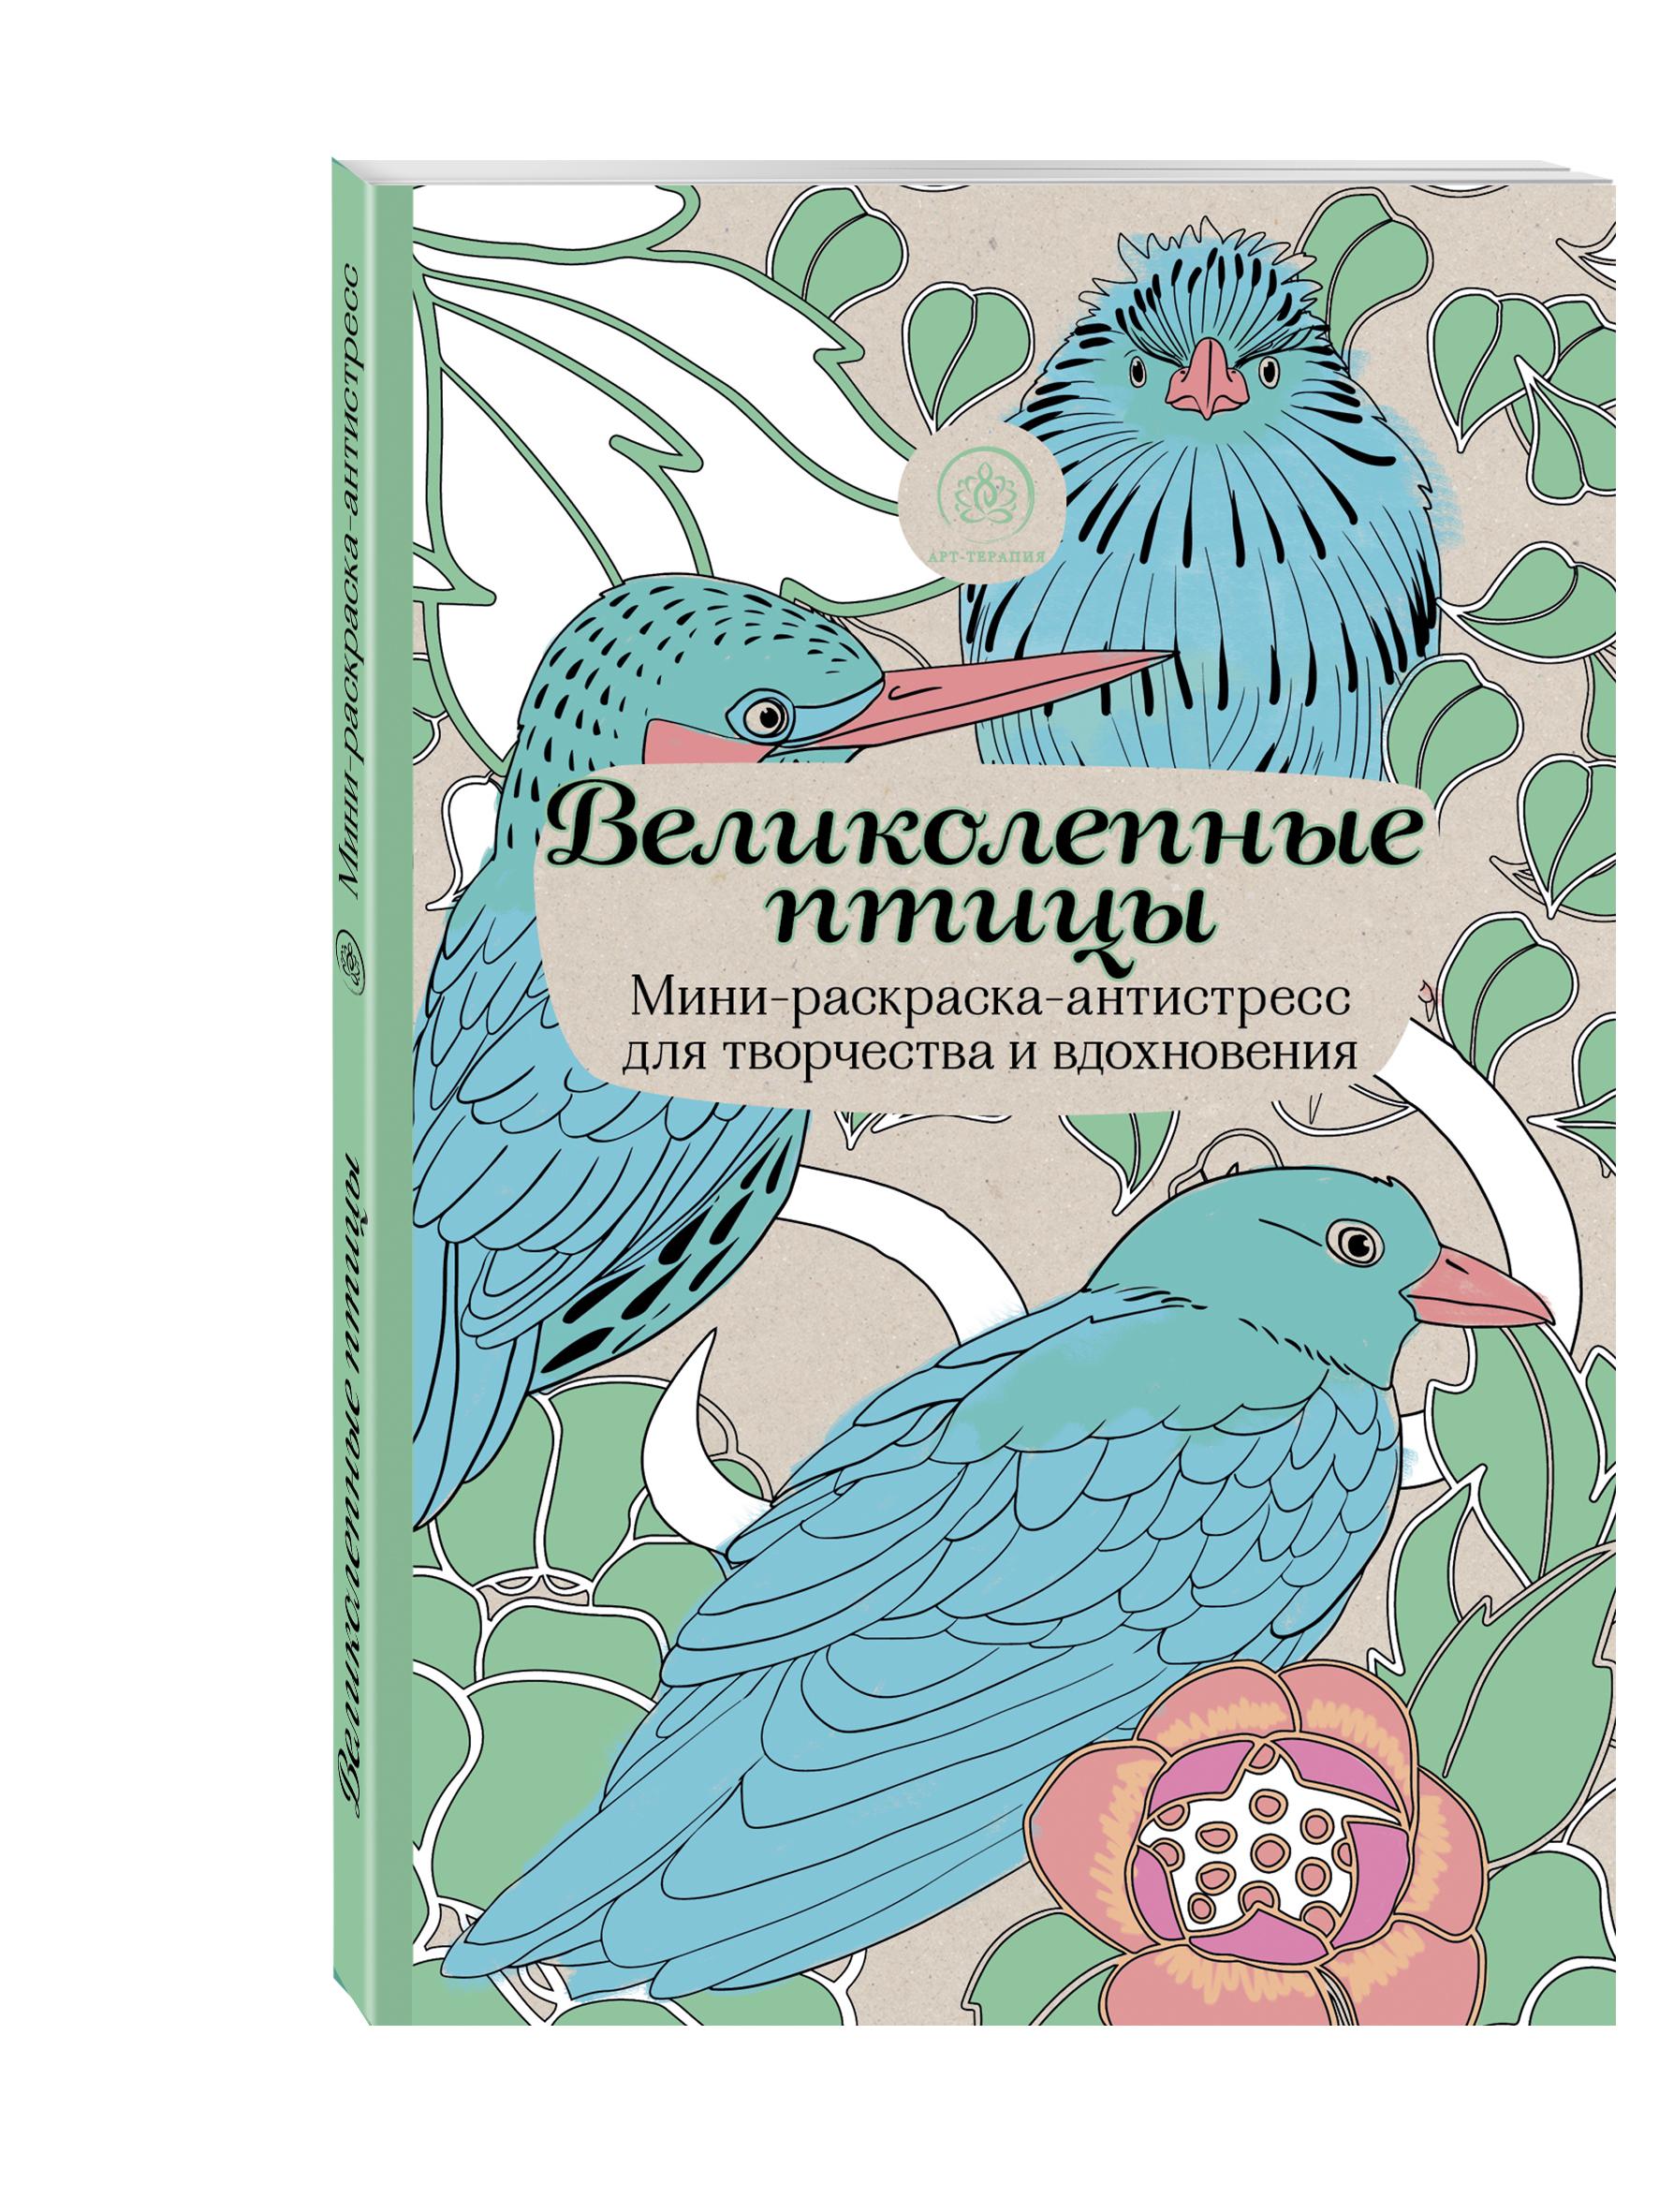 Великолепные птицы.Мини-раскраска-антистресс для творчества и вдохновения